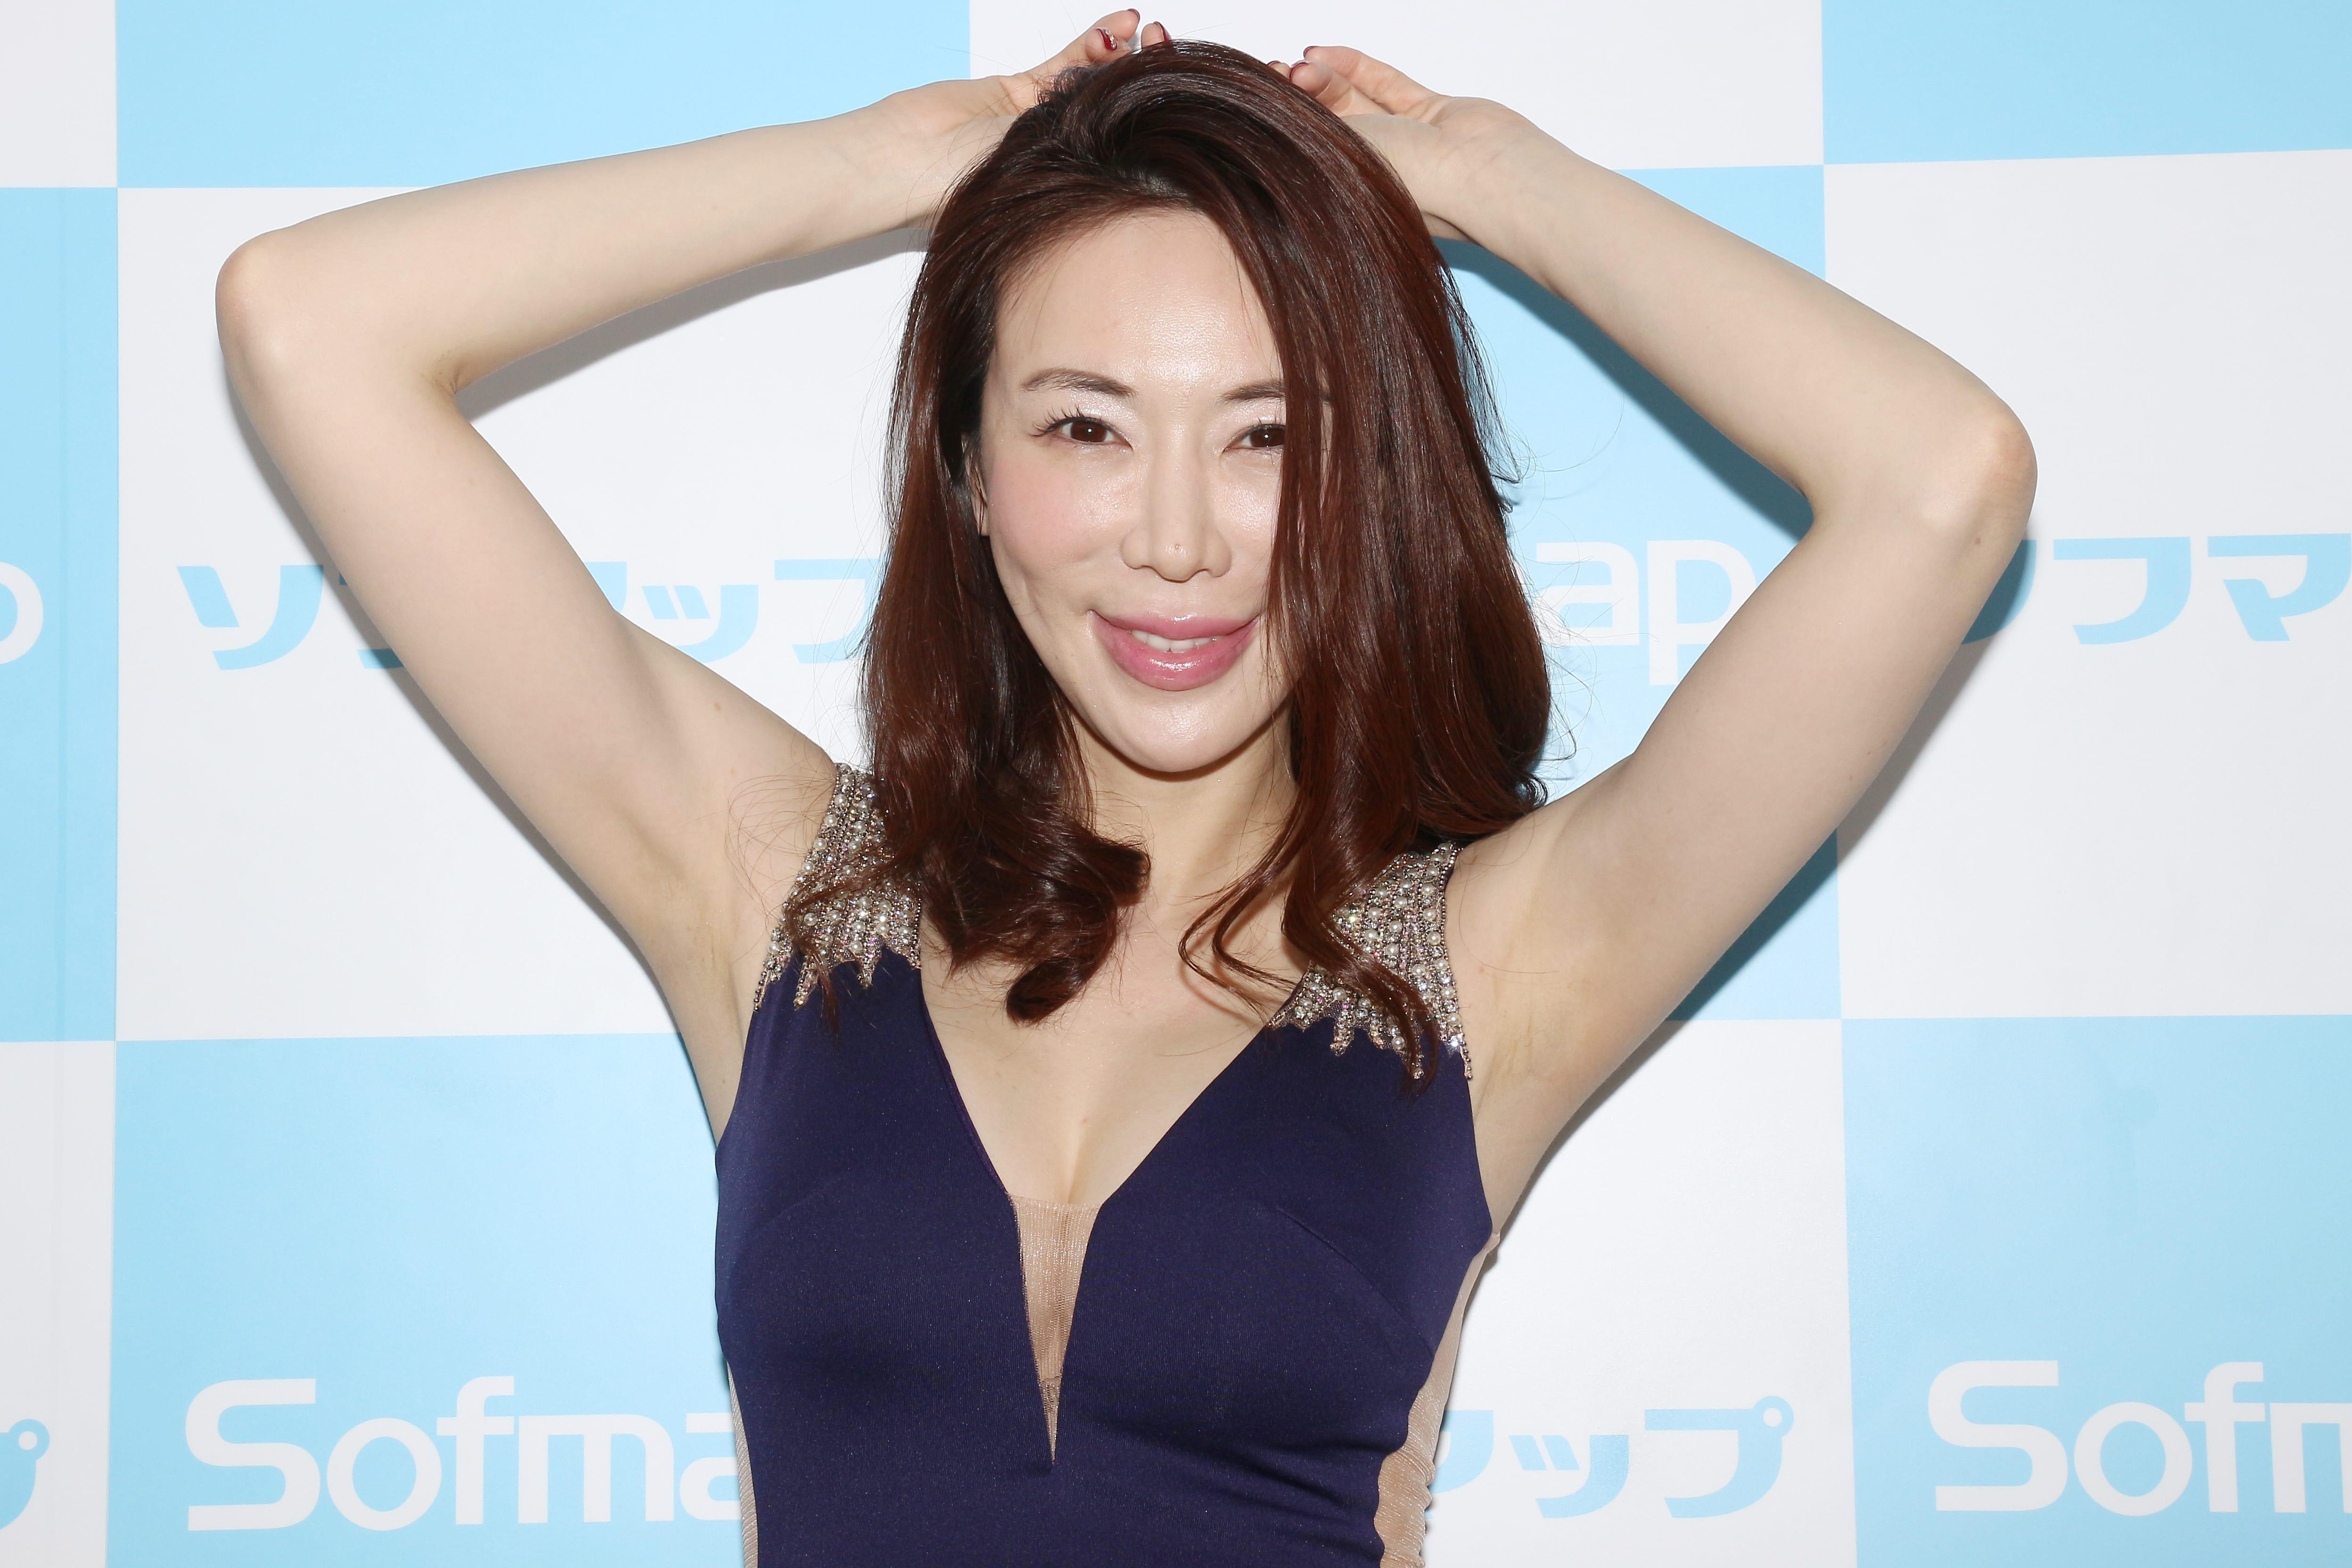 【悲報】美しすぎるグラビアアイドル・岩本和子さん、刃物で男を切りつけ逮捕  事件前SNSに意味深な書き込みを連発  [776133792]->画像>21枚